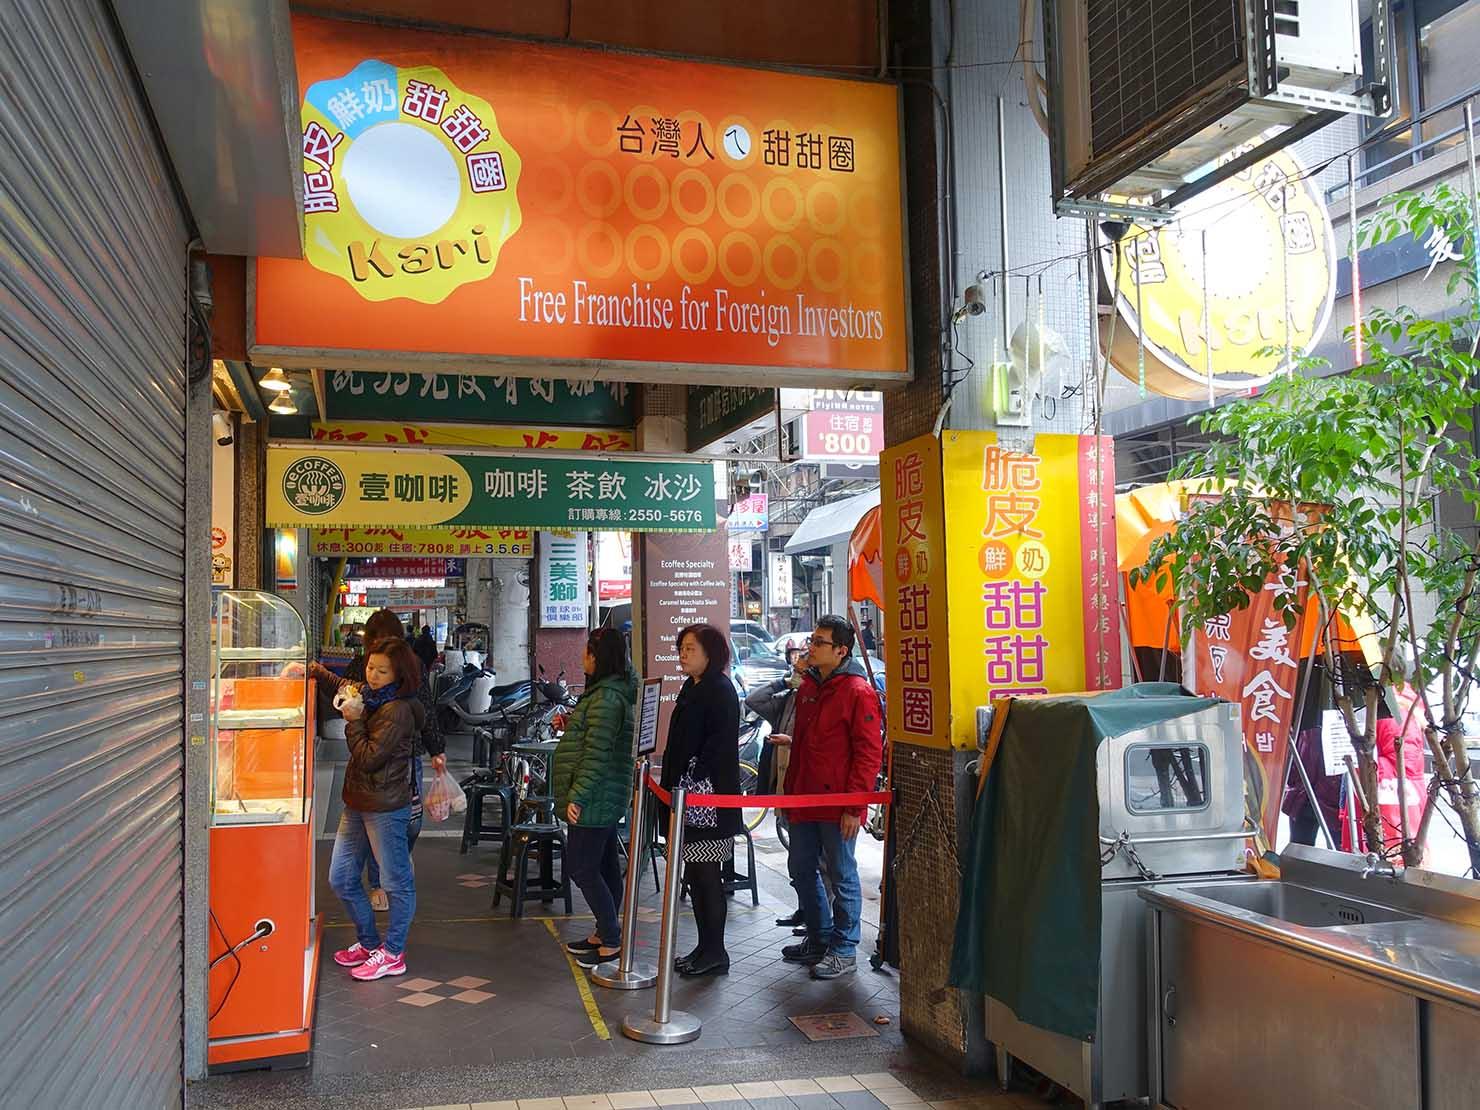 台北駅エリアのおすすめ台湾スイーツ店「脆皮鮮奶甜甜圈」の外観